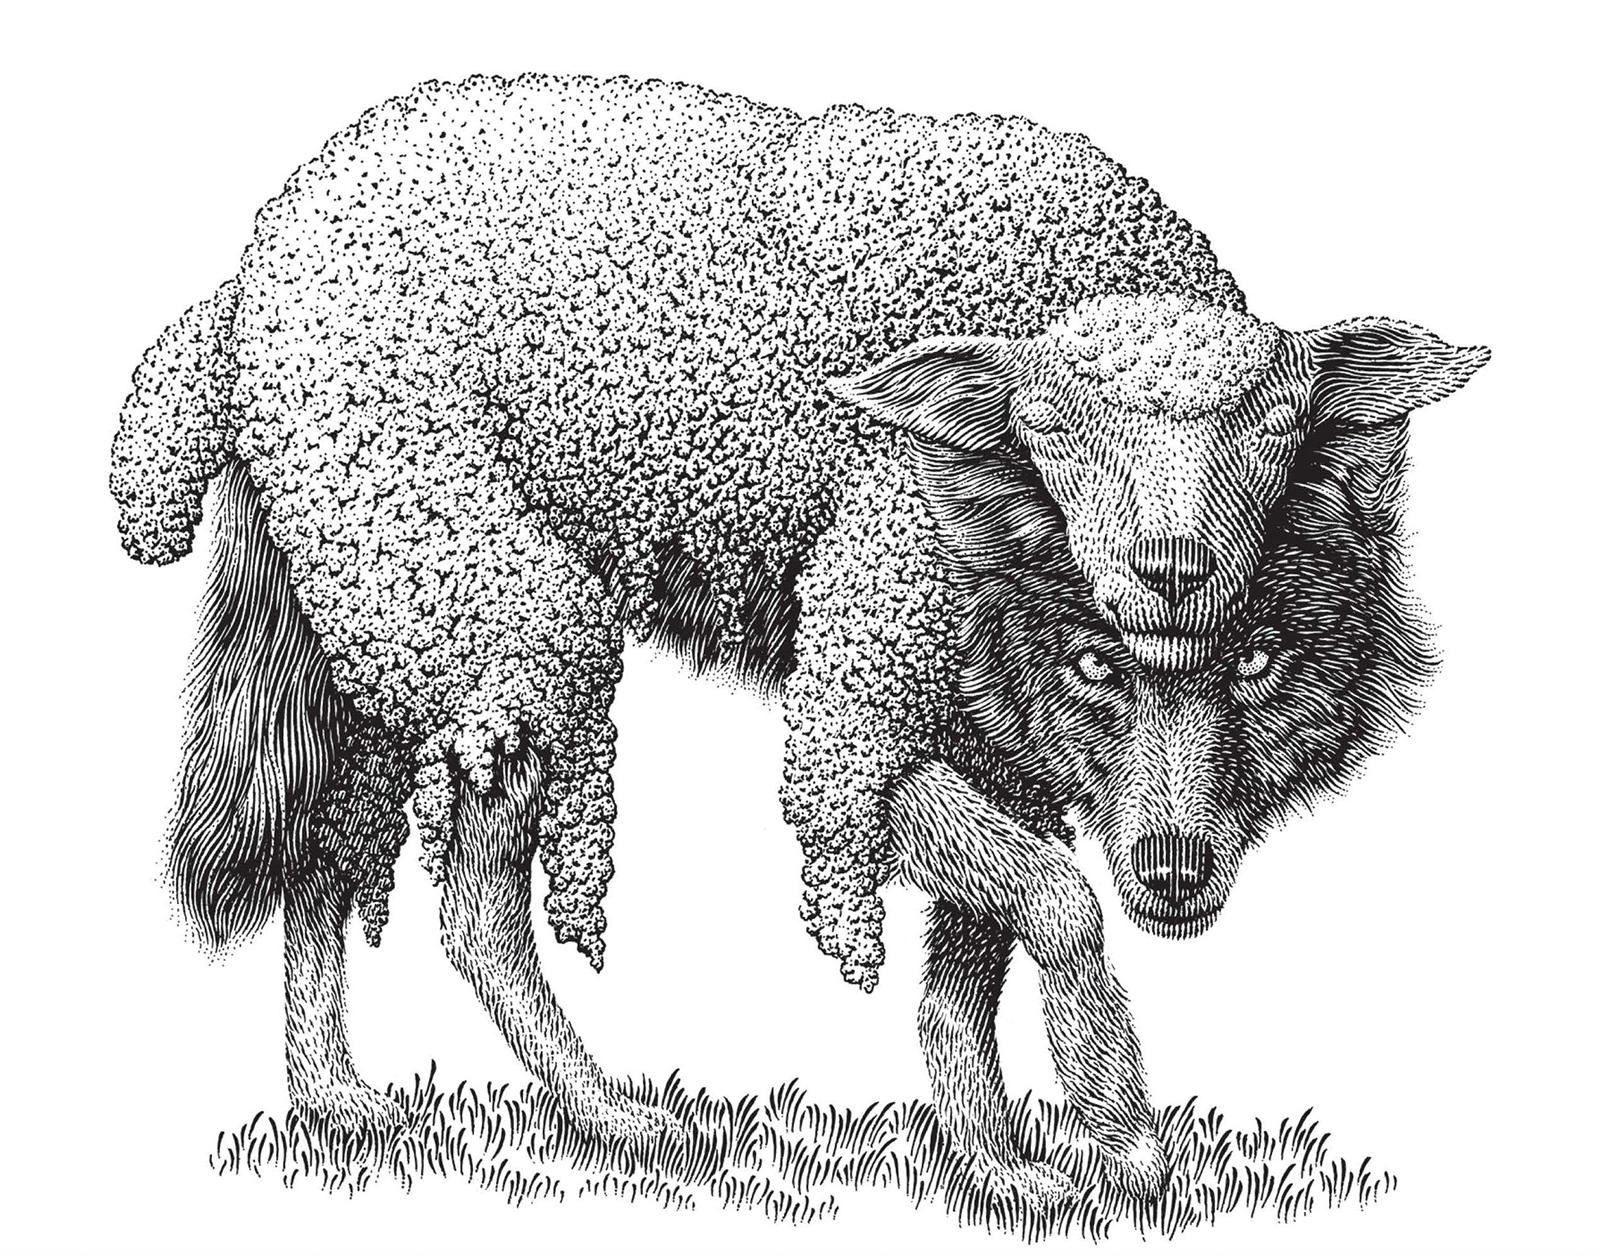 Antoni Bardera i Serafí Gimeno De llops i caputxetes. Un estudi sobre la perversitat